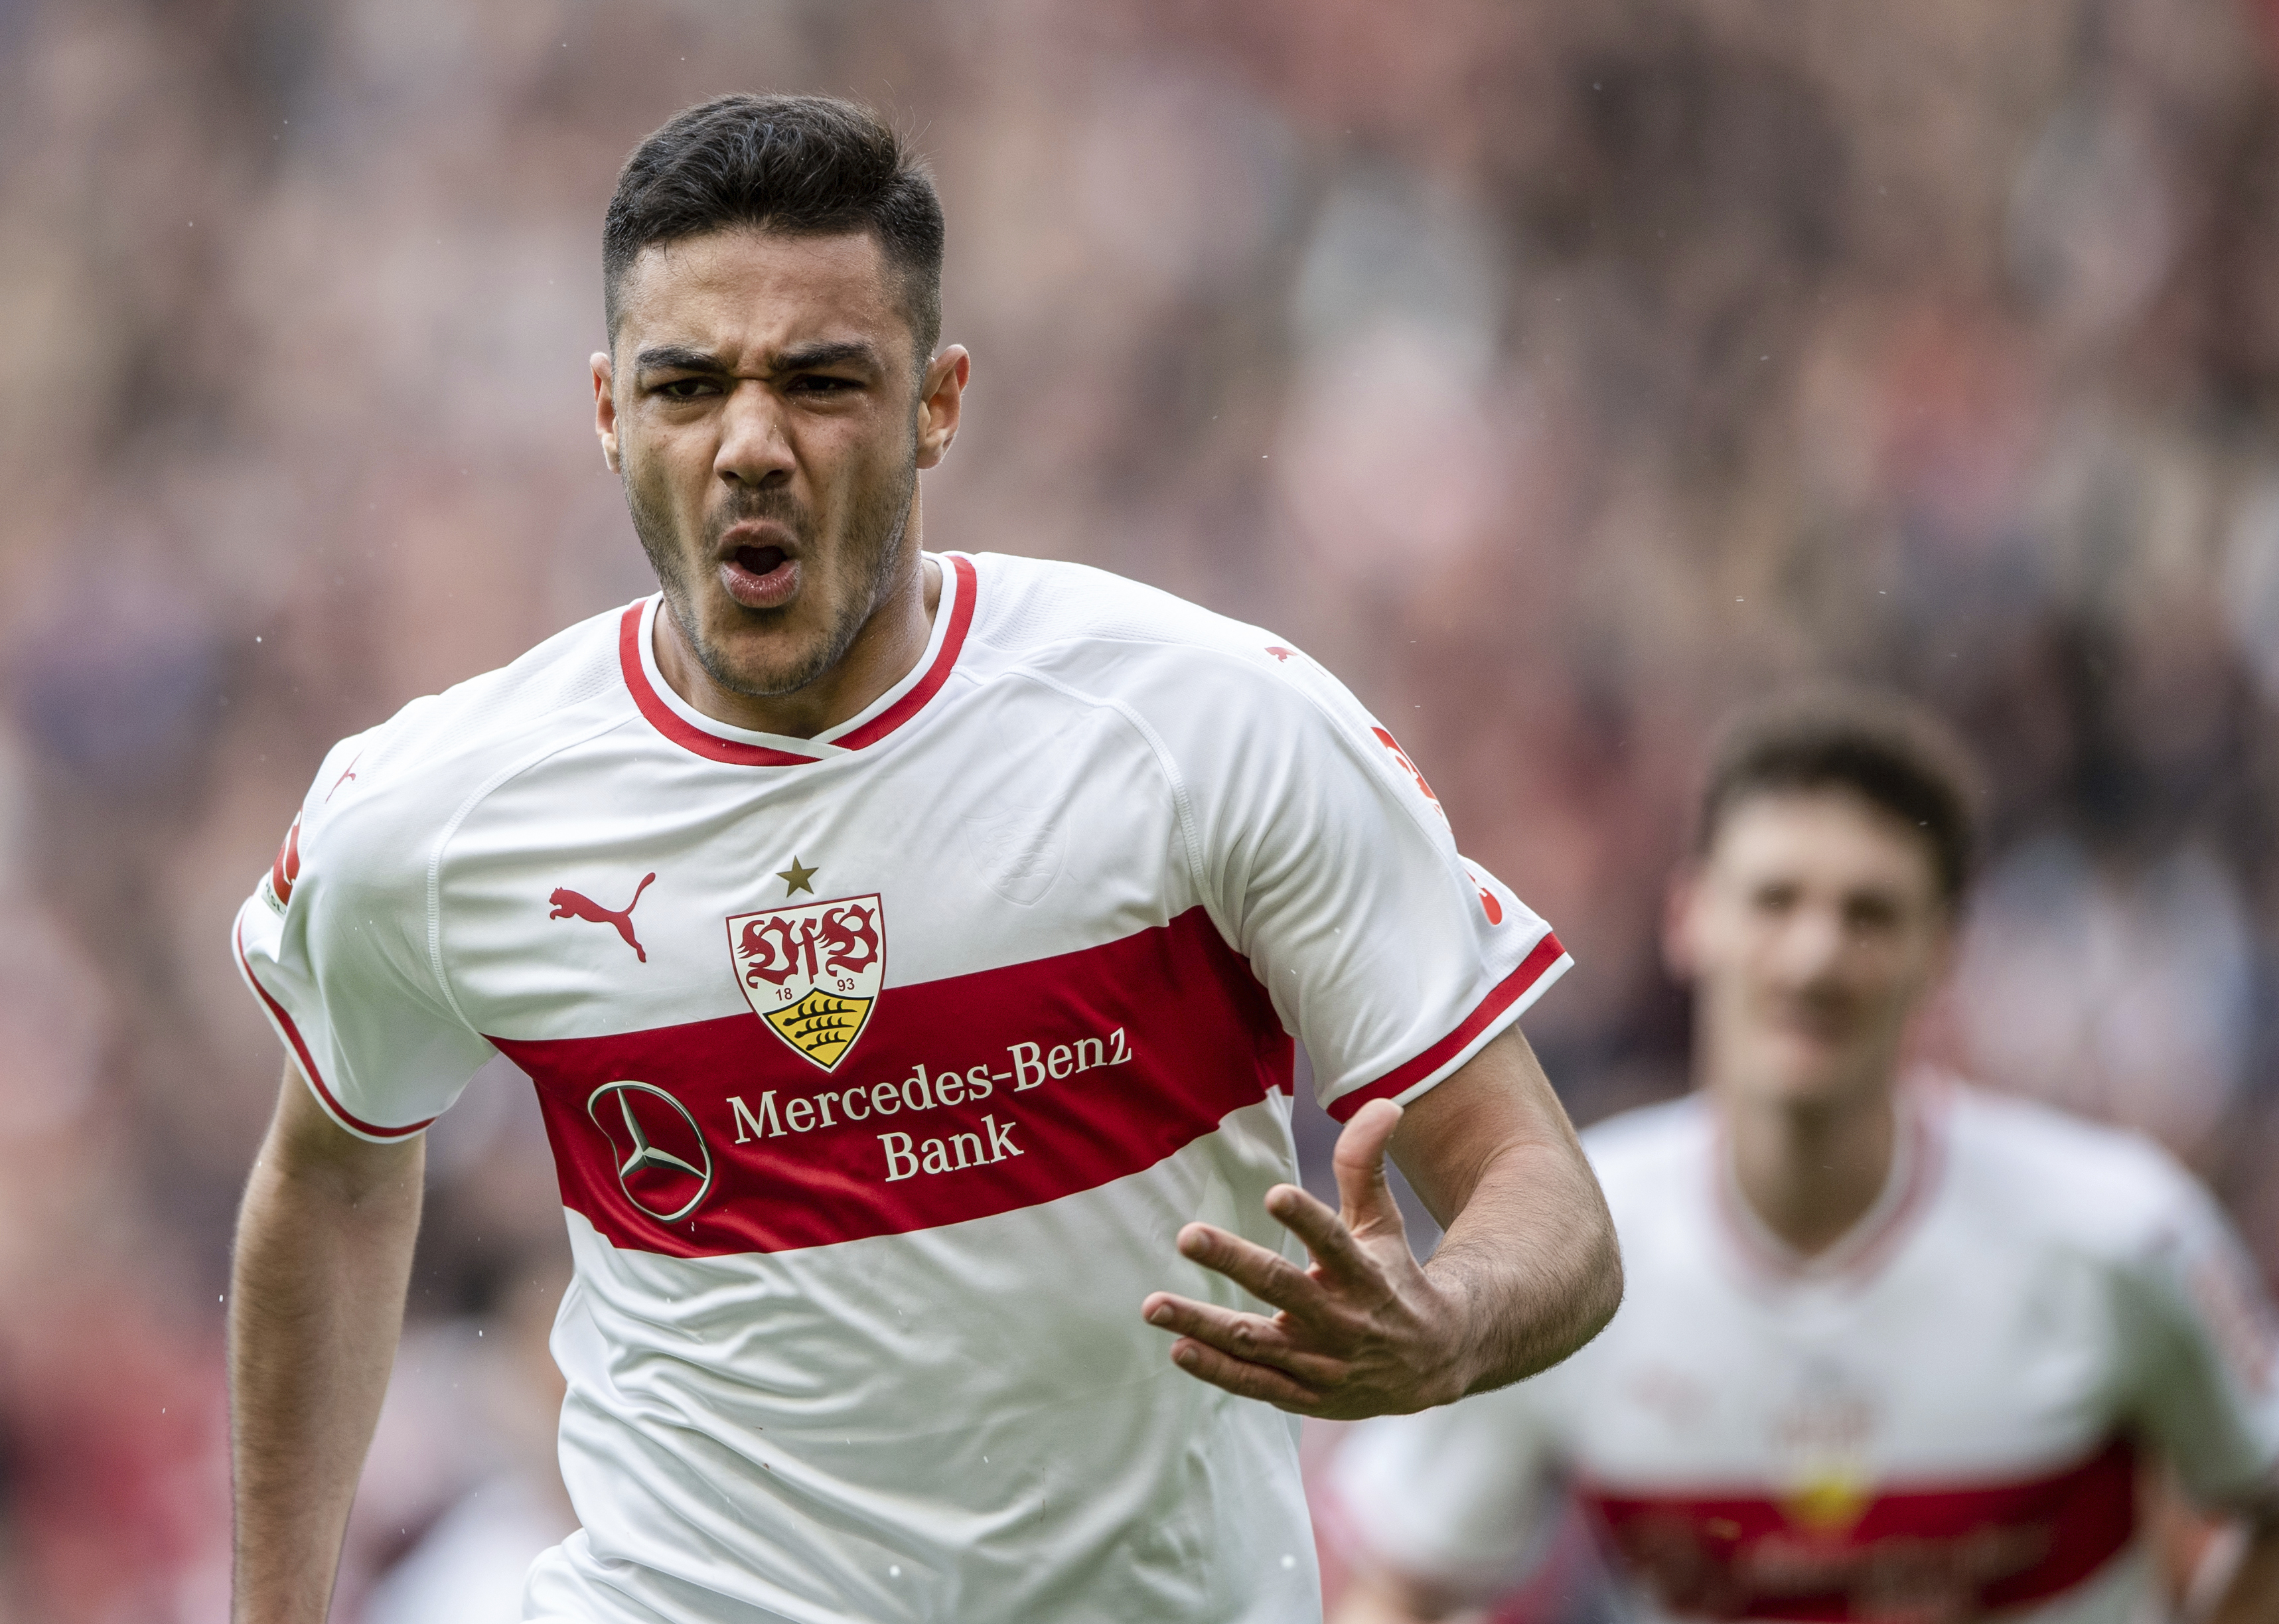 Stuttgart routs Hannover 5-1 in Bundesliga relegation fight